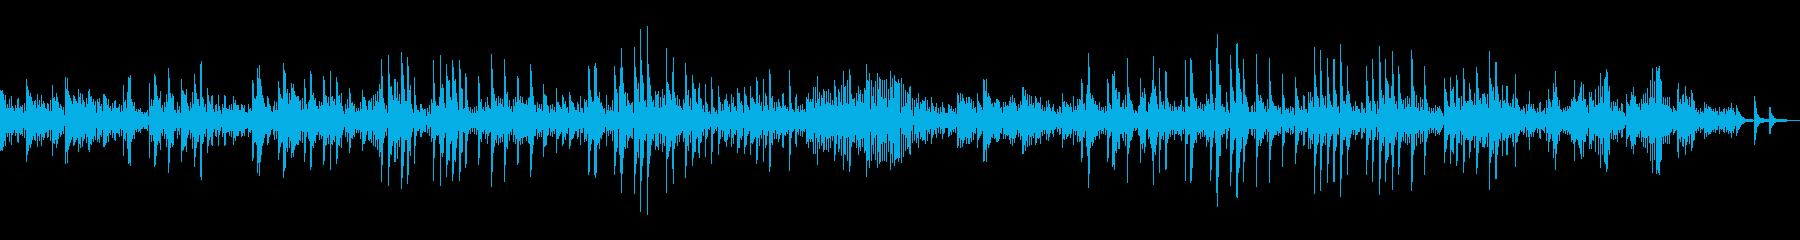 ベートーヴェンの「月光」の再生済みの波形